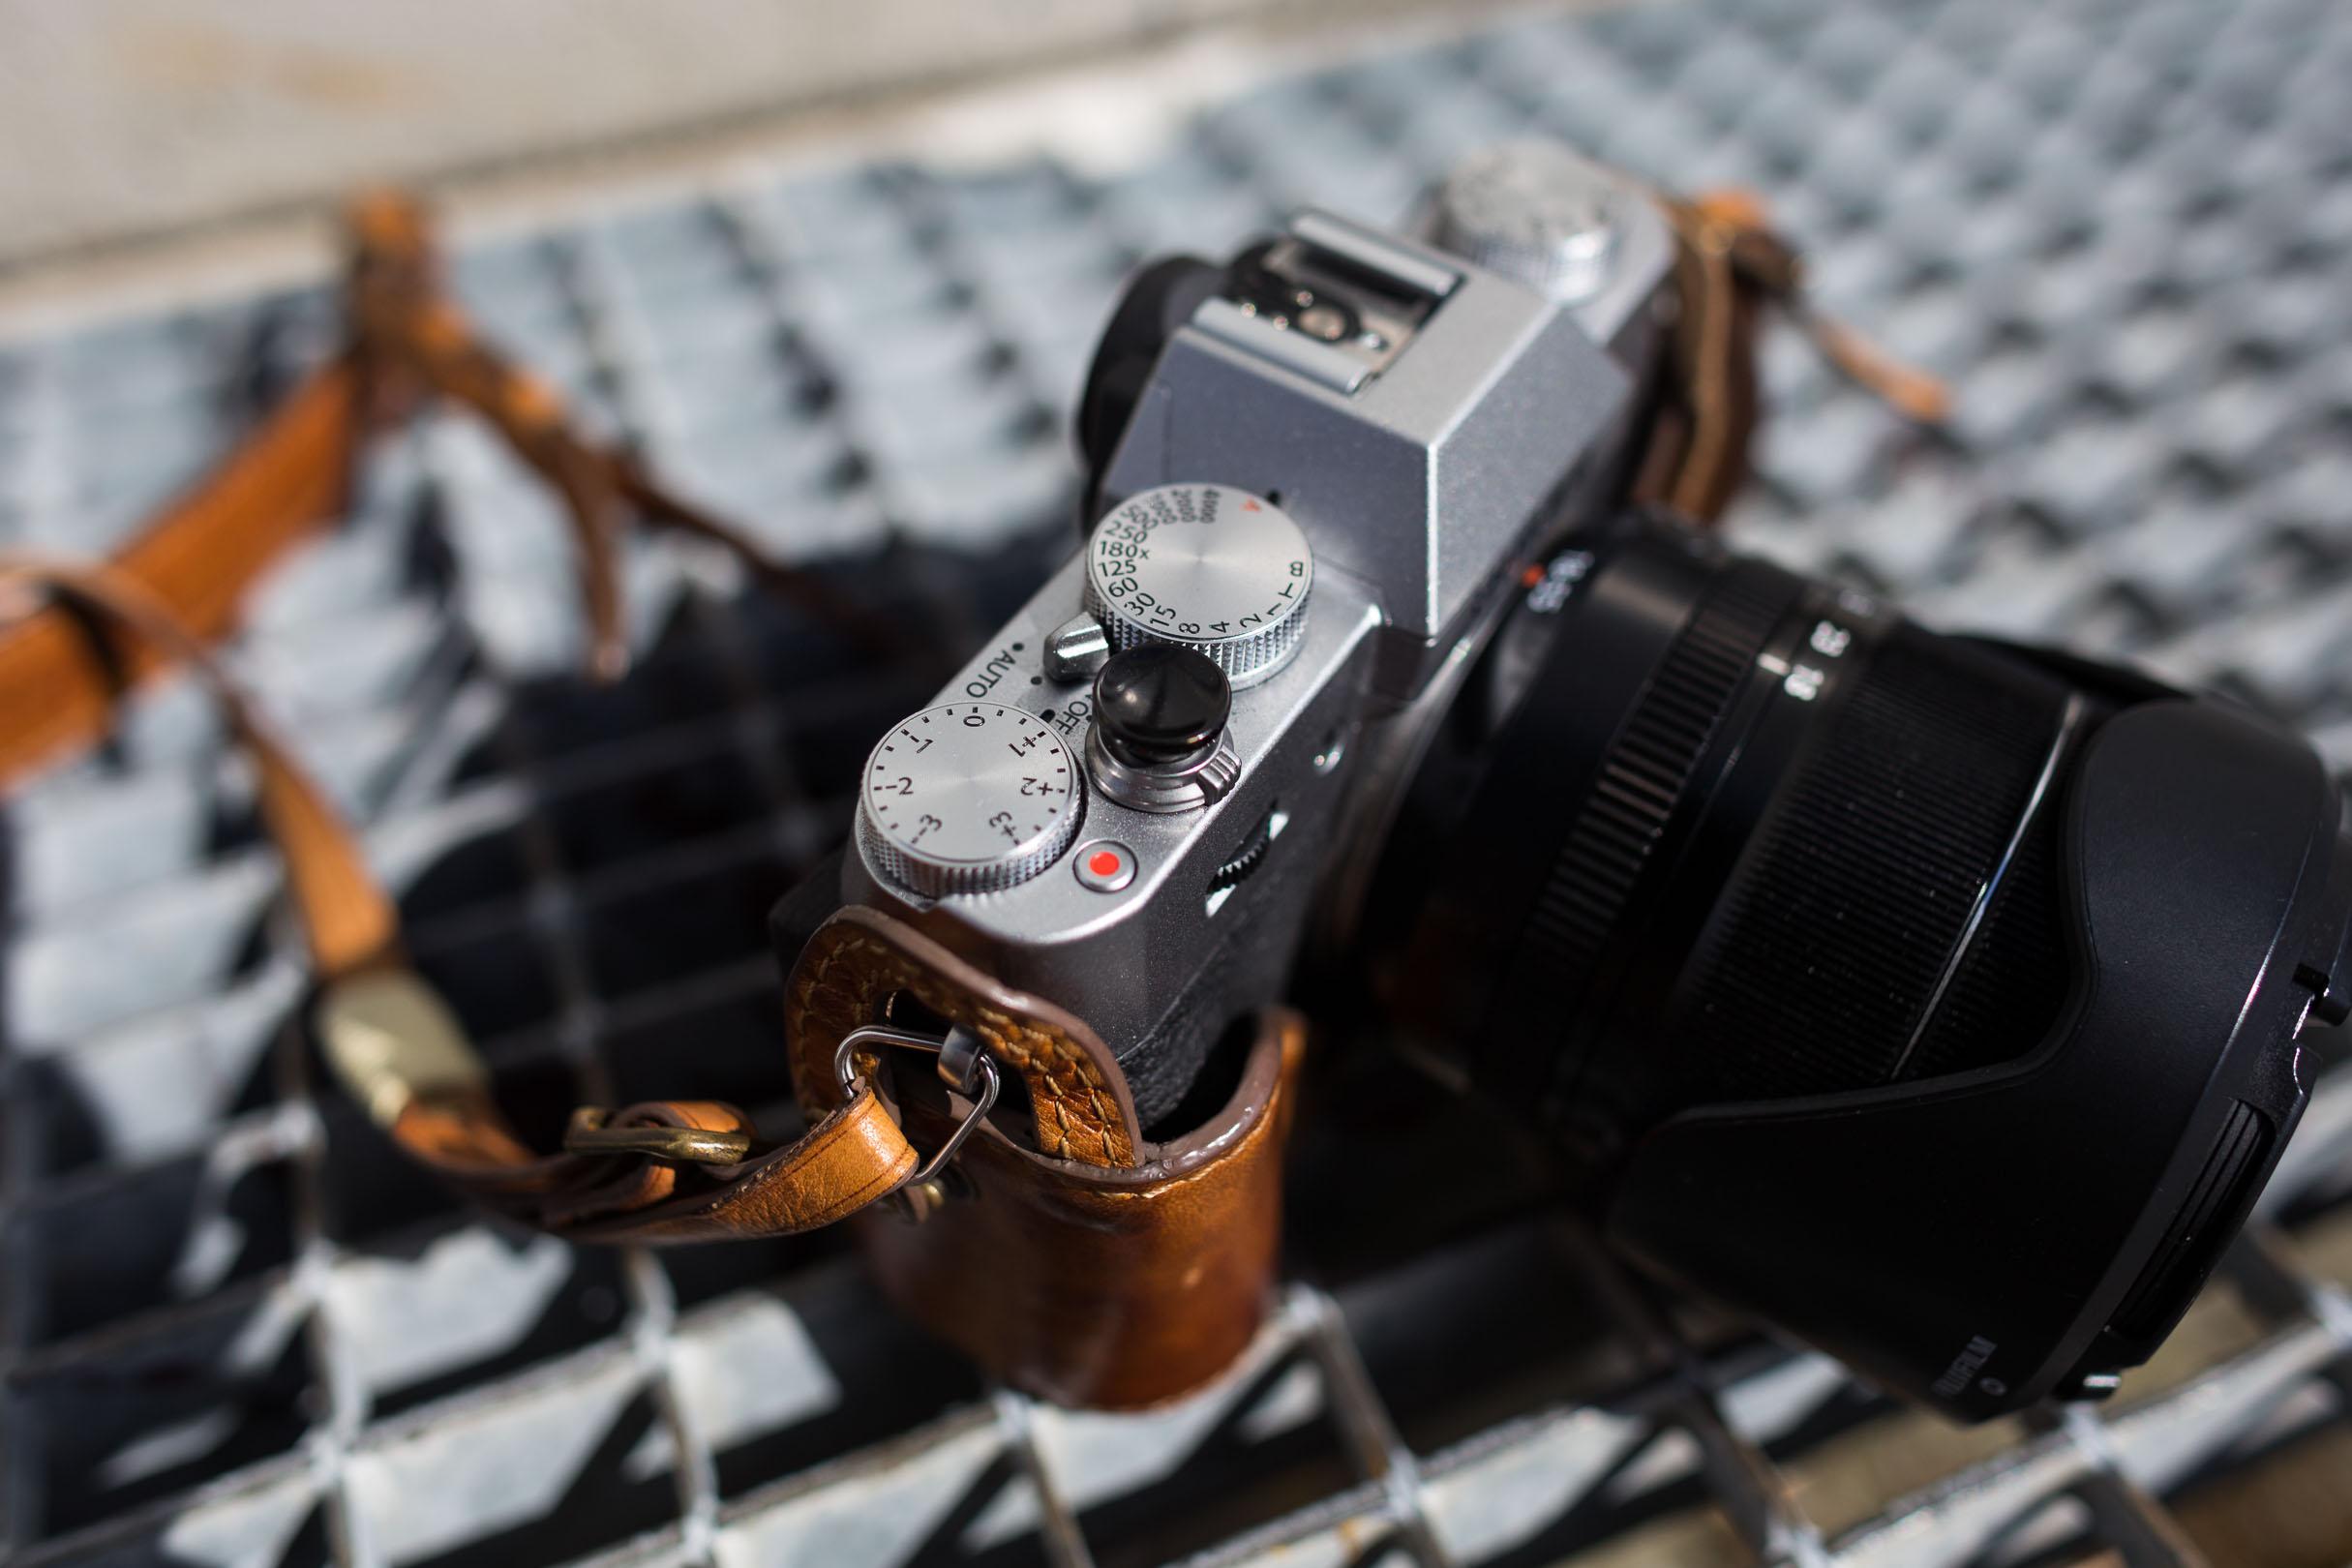 Leder-Kameragriff